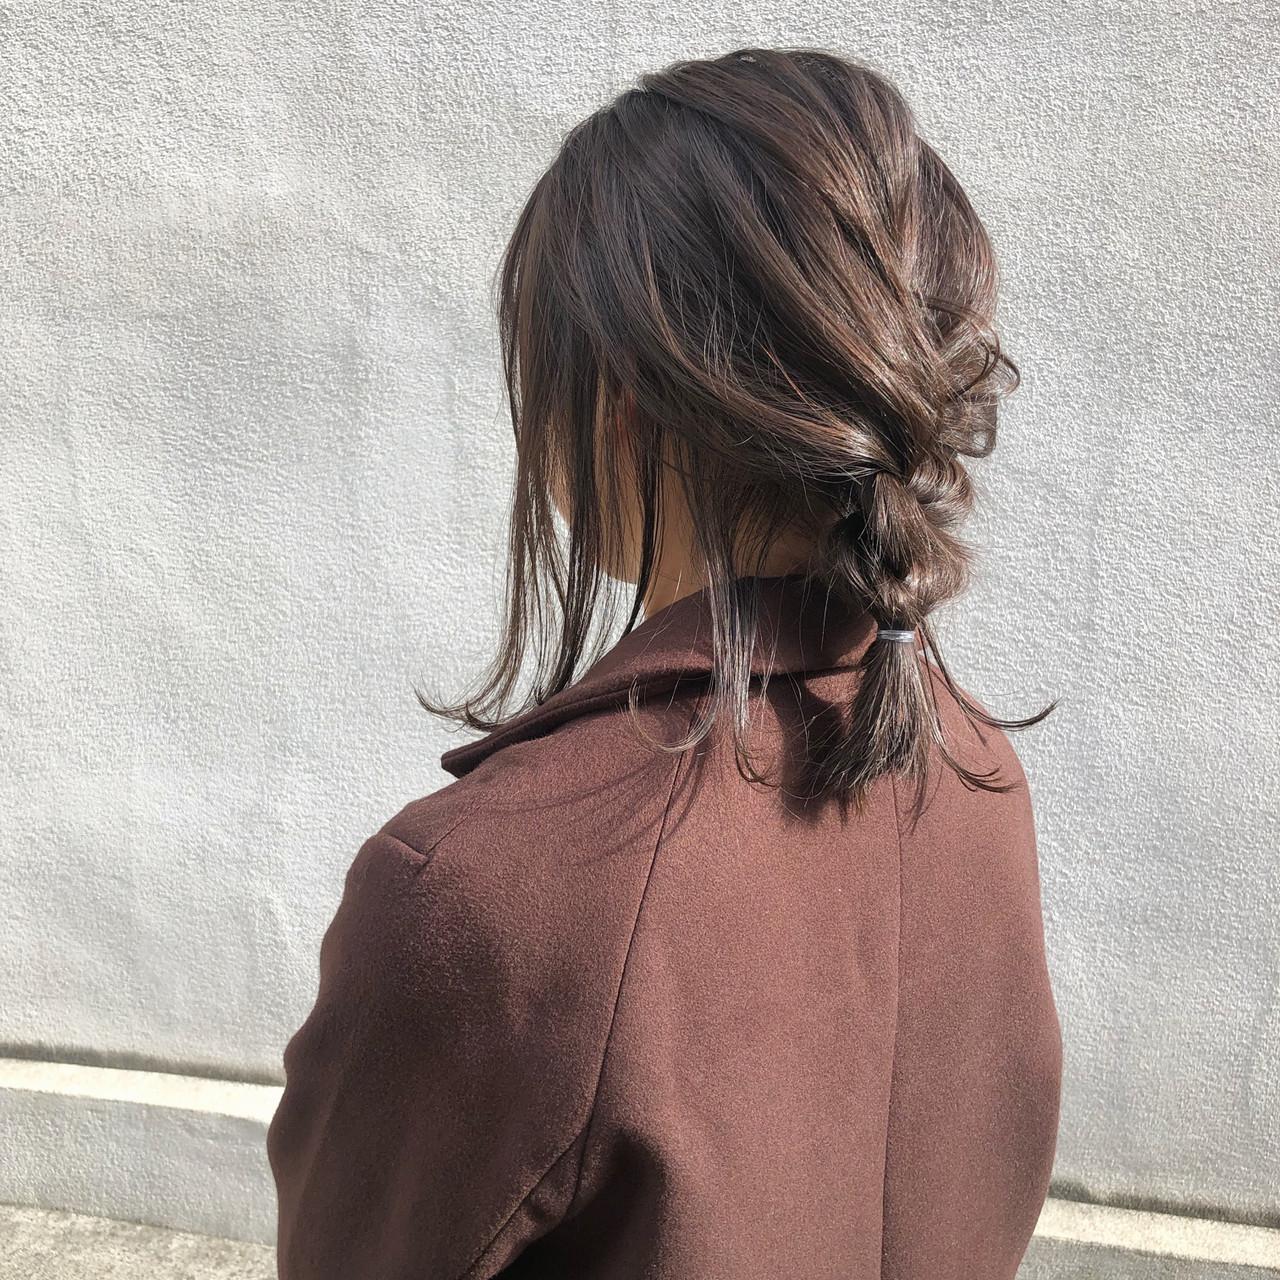 デート ナチュラル アンニュイほつれヘア ヘアアレンジ ヘアスタイルや髪型の写真・画像